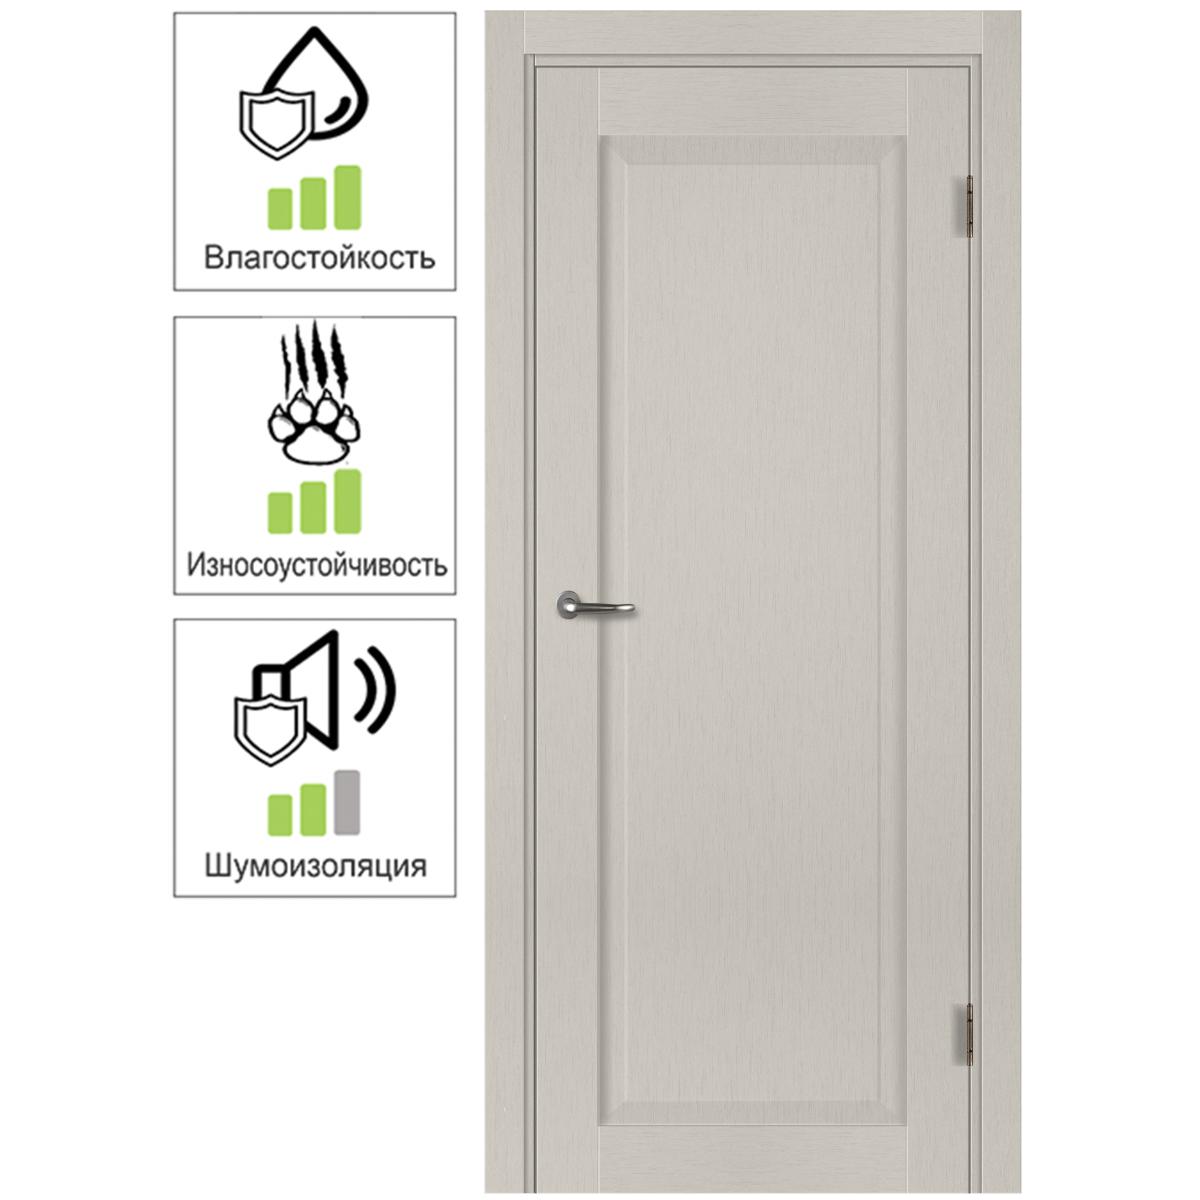 Дверь межкомнатная с фурнитурой Пьемонт 80х200 см Hardflex цвет платина светлая